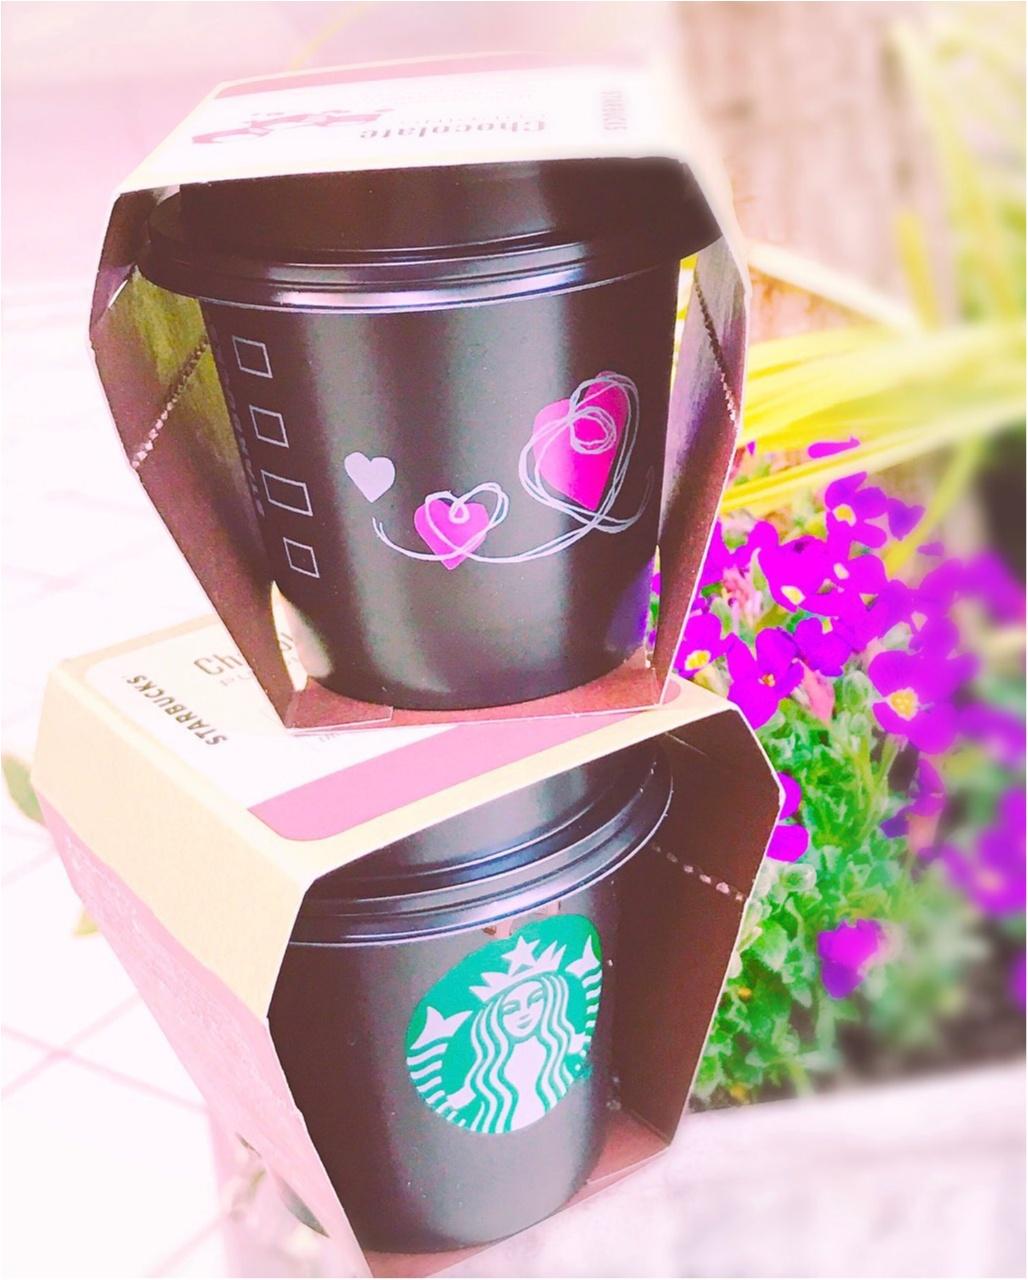 《今だけの限定‼︎》スタバの超人気【チョコレートプリン】のカップが可愛いバレンタイン仕様に♡食べ終わった後のプリンカップの活用法も教えちゃう( ´艸`)_2